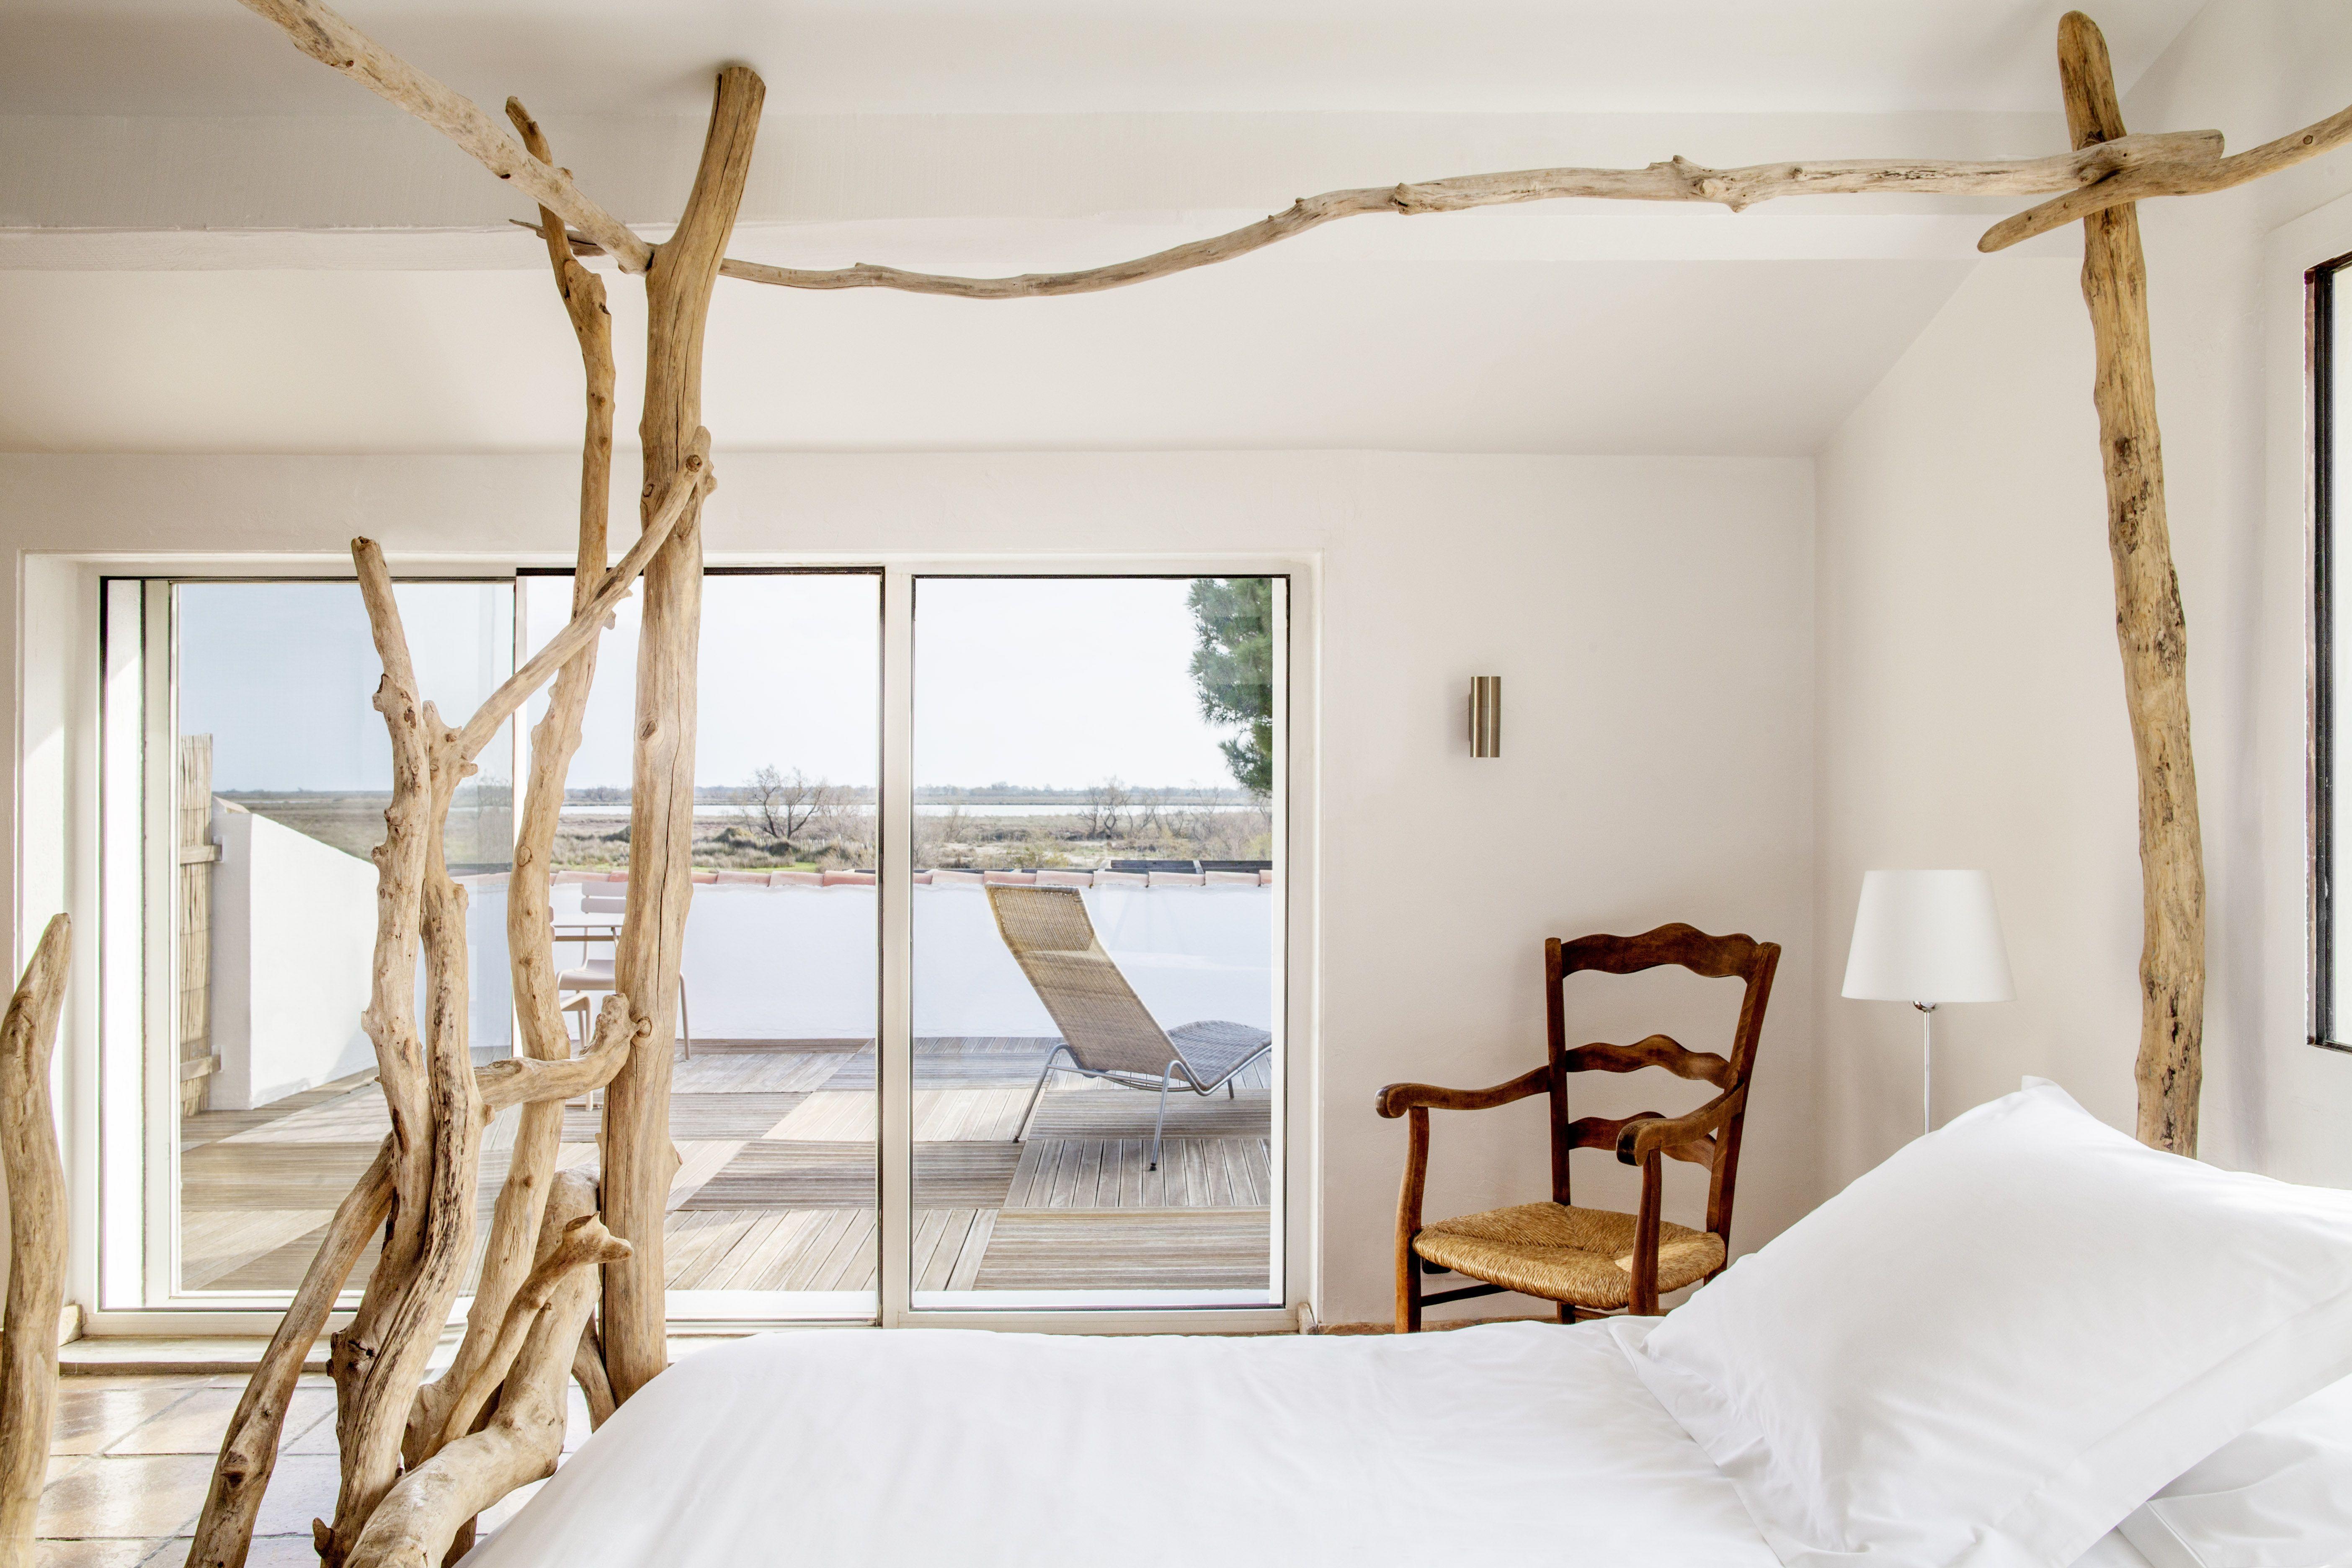 Epingle Sur Hotels Design